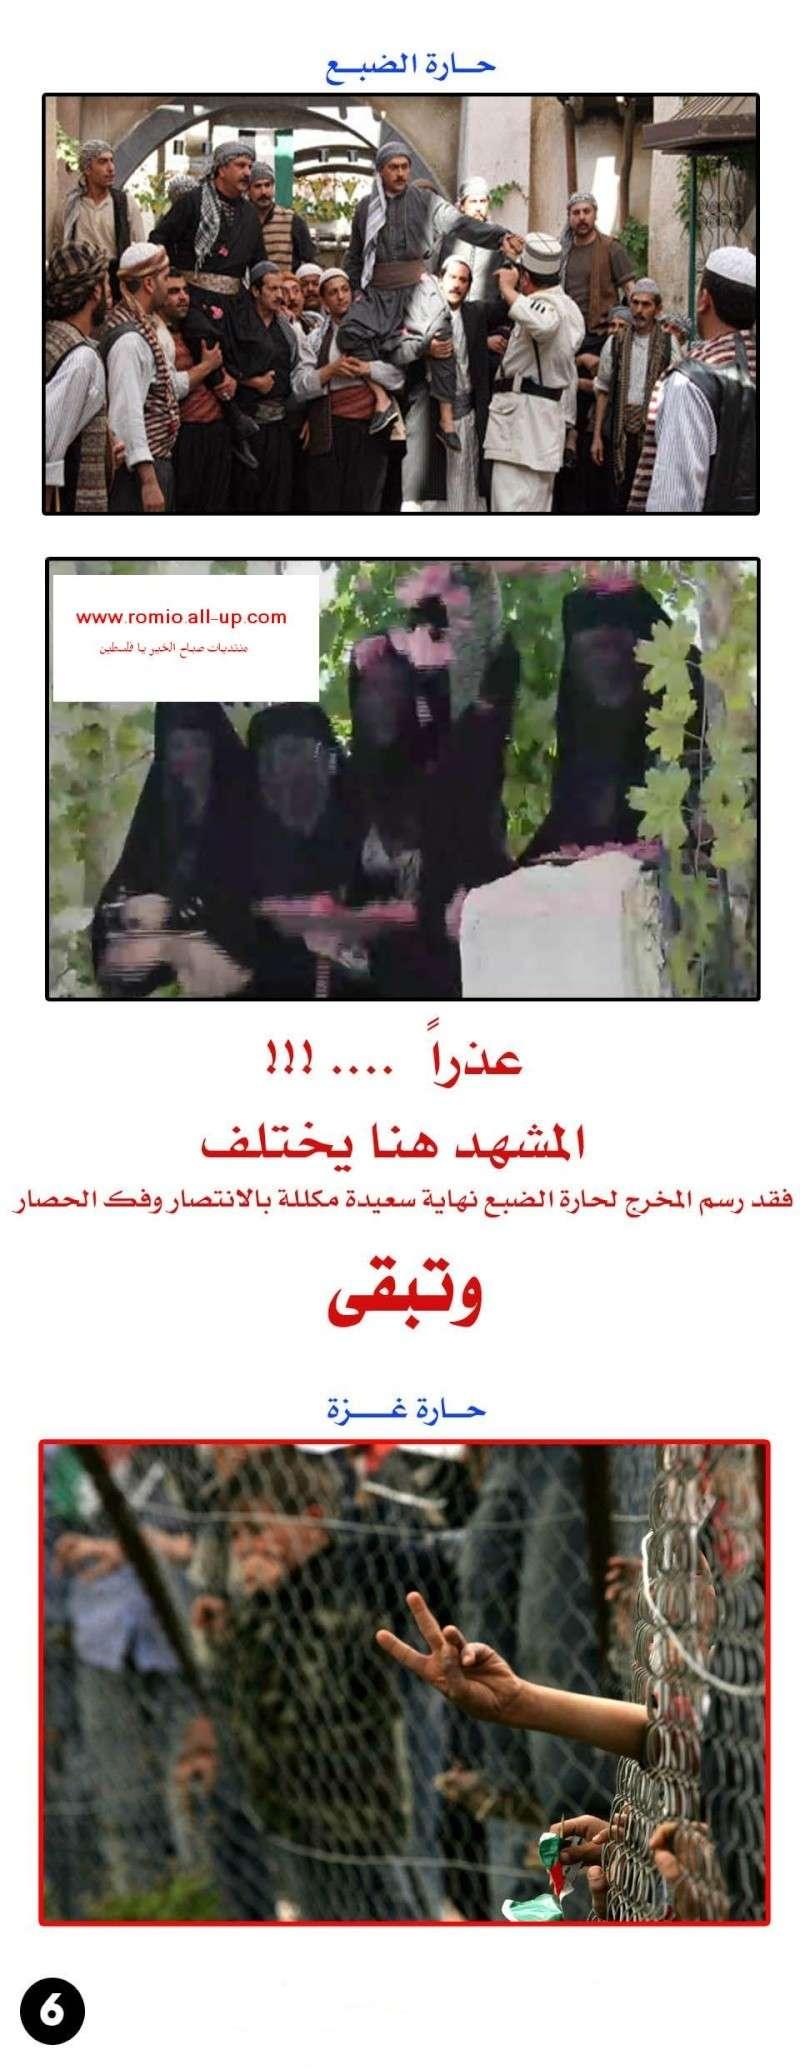 بين حارة الضبع ( باب الحارة ) , حارة غزة ((( صور × صور))) V6cdbu10